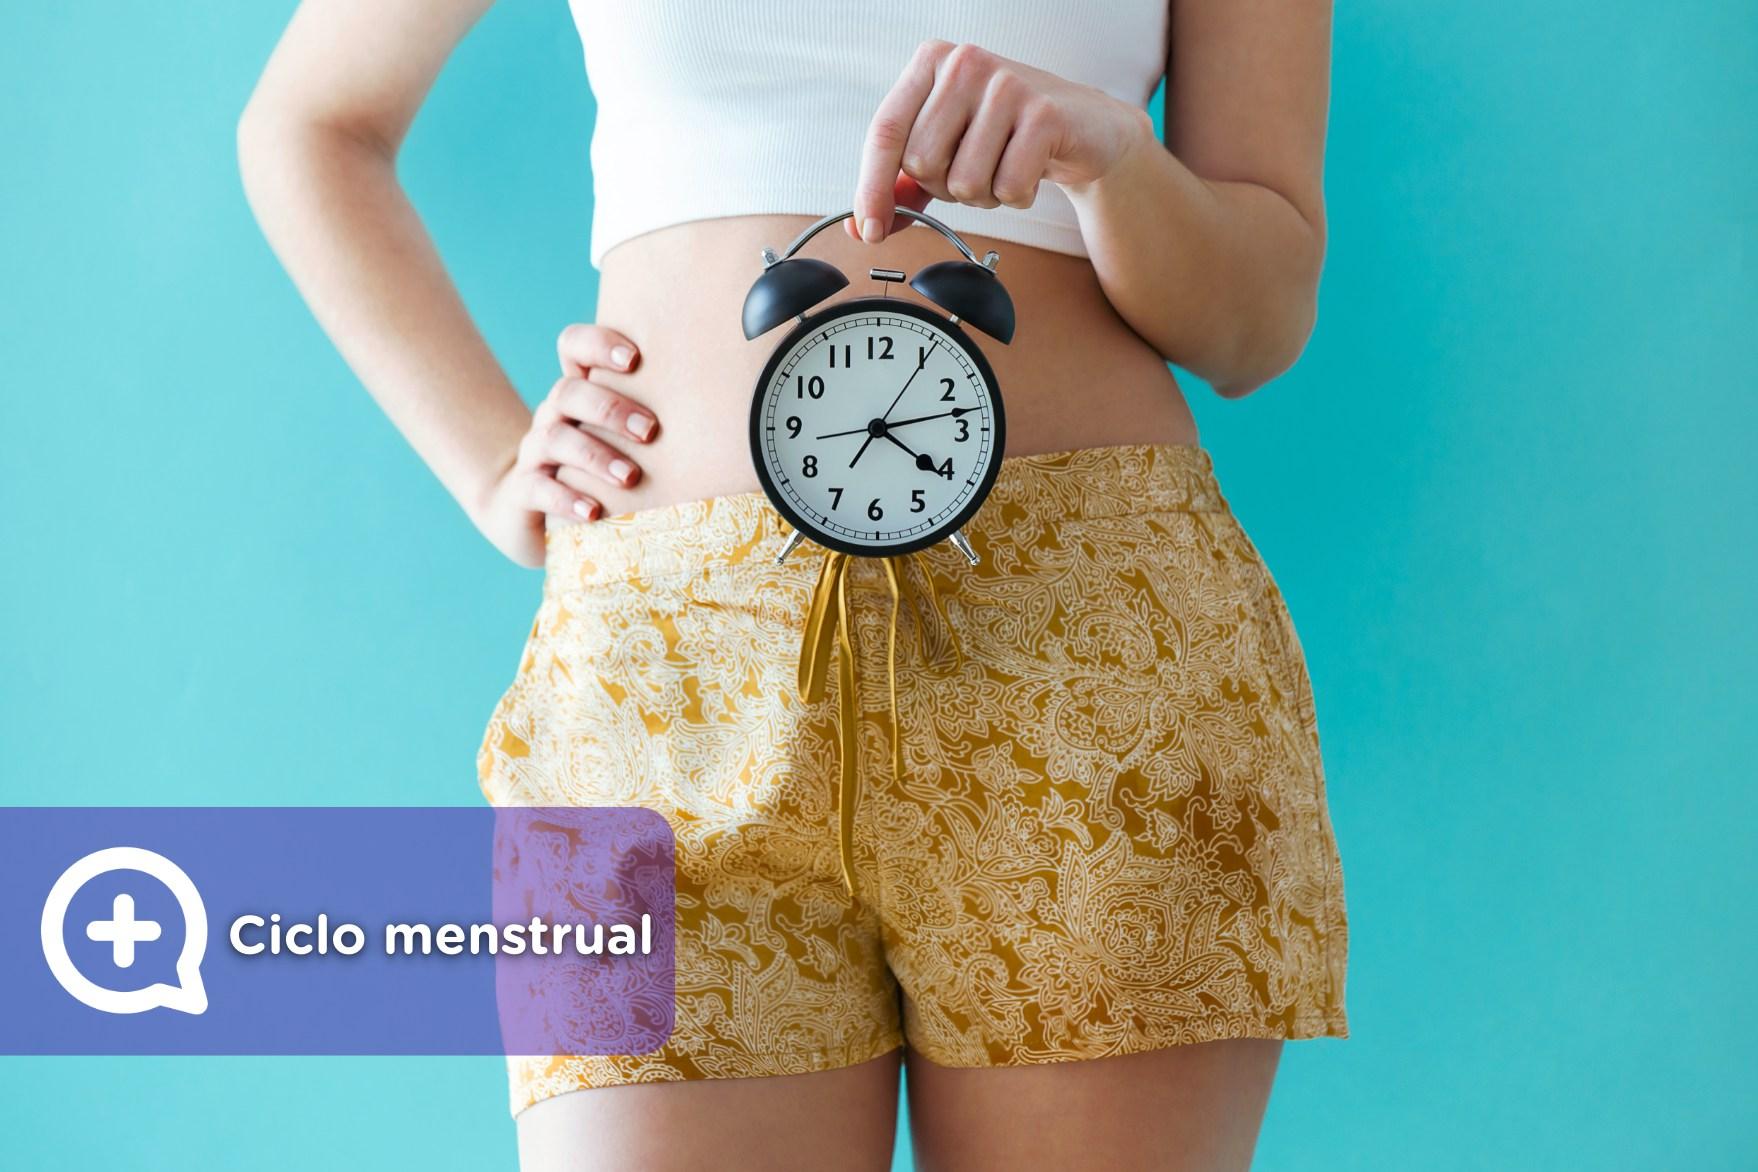 Dias fertiles ciclo menstrual 28 dias